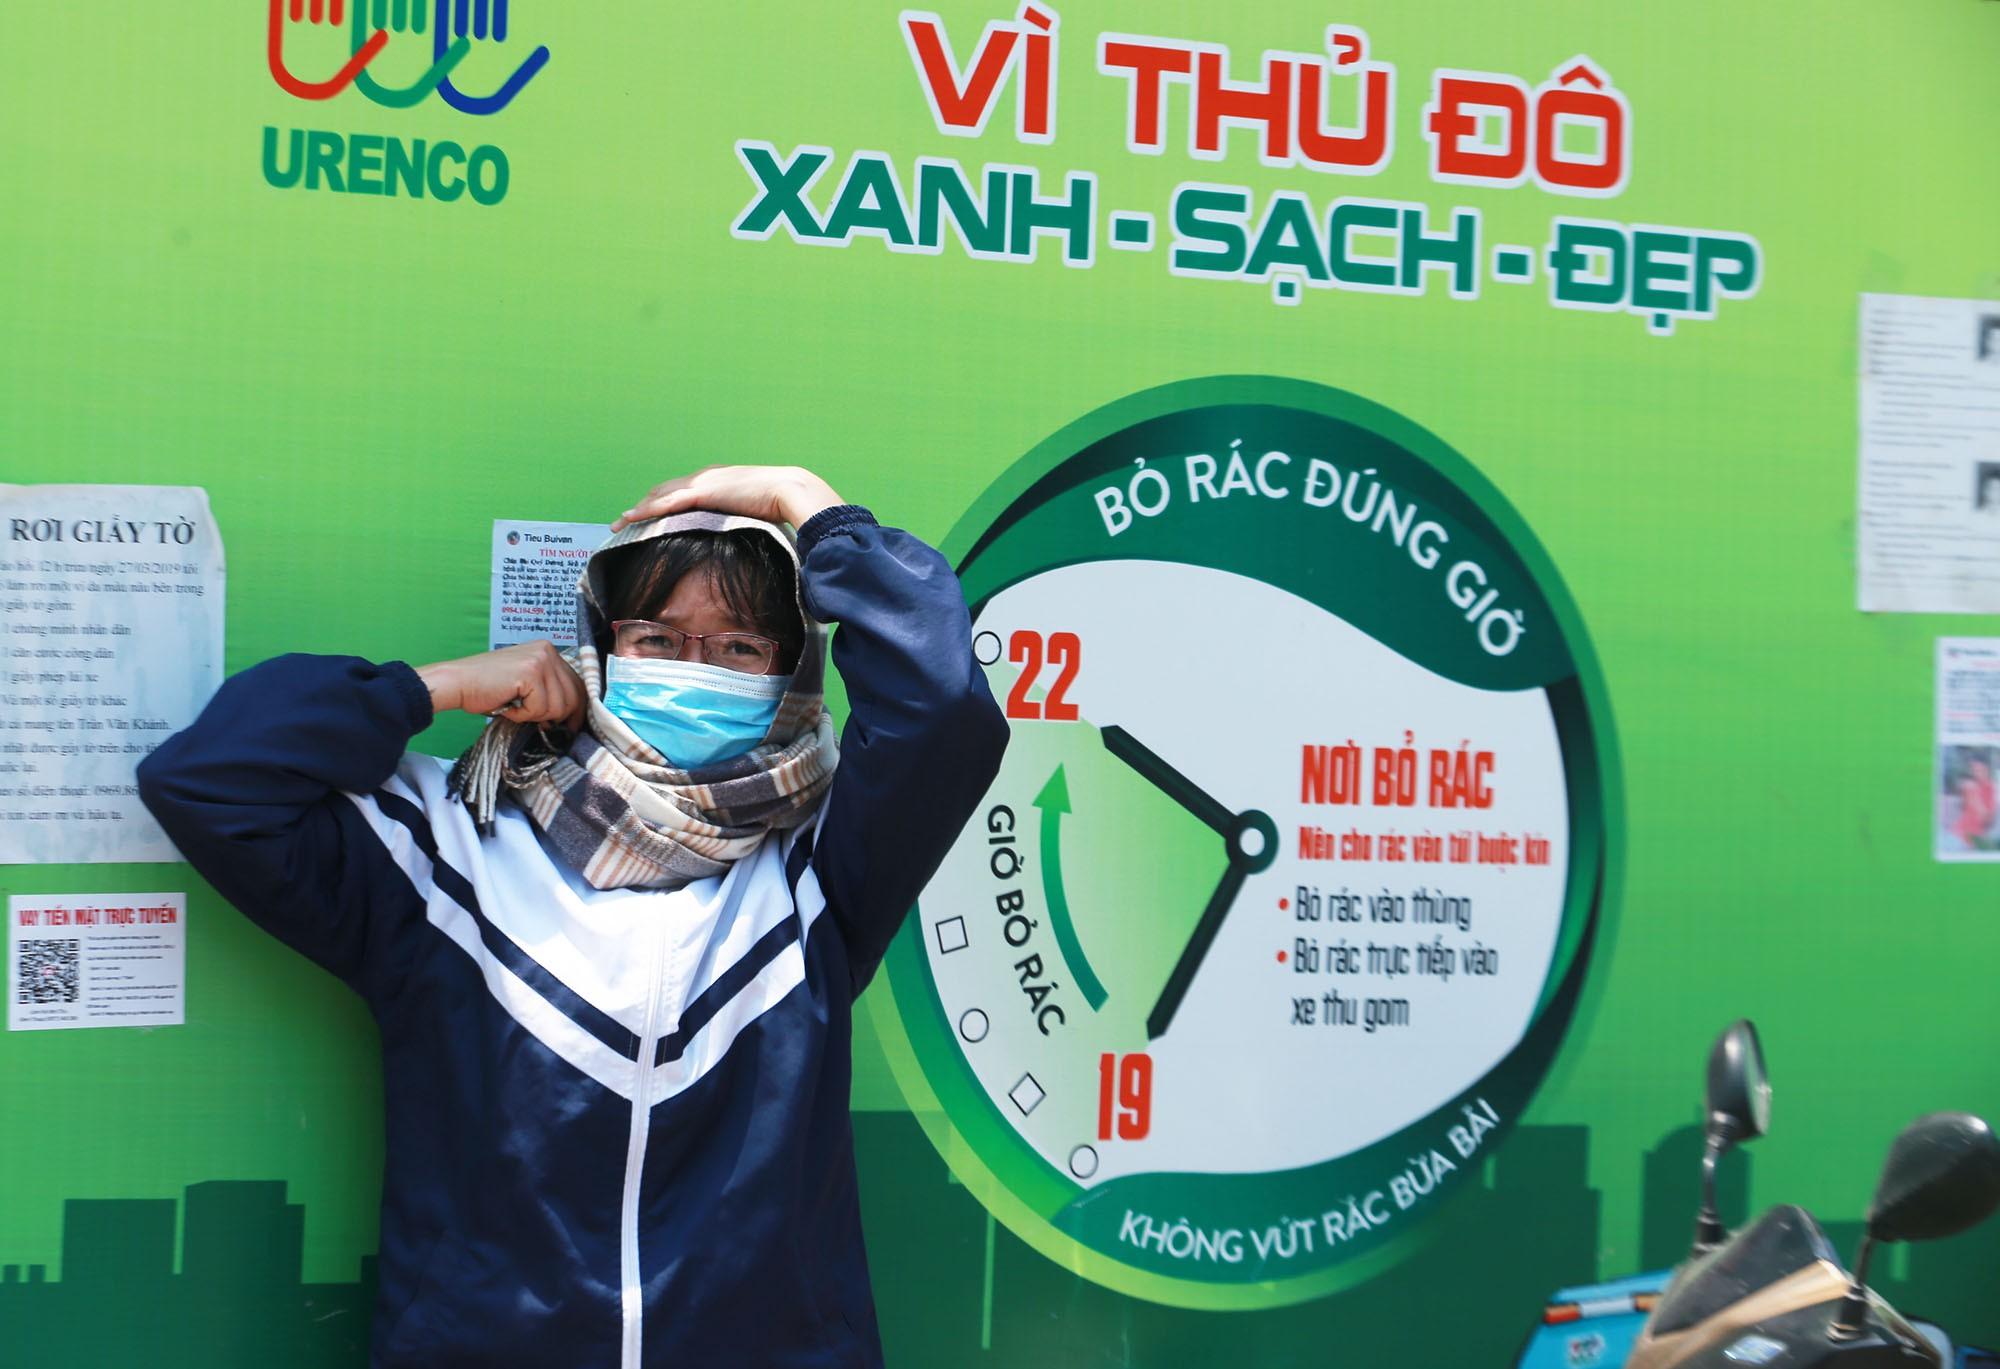 Hà Nội: Nhiều tuyến đường trang bị nhà ở di động cho xe đẩy rác - Ảnh 12.